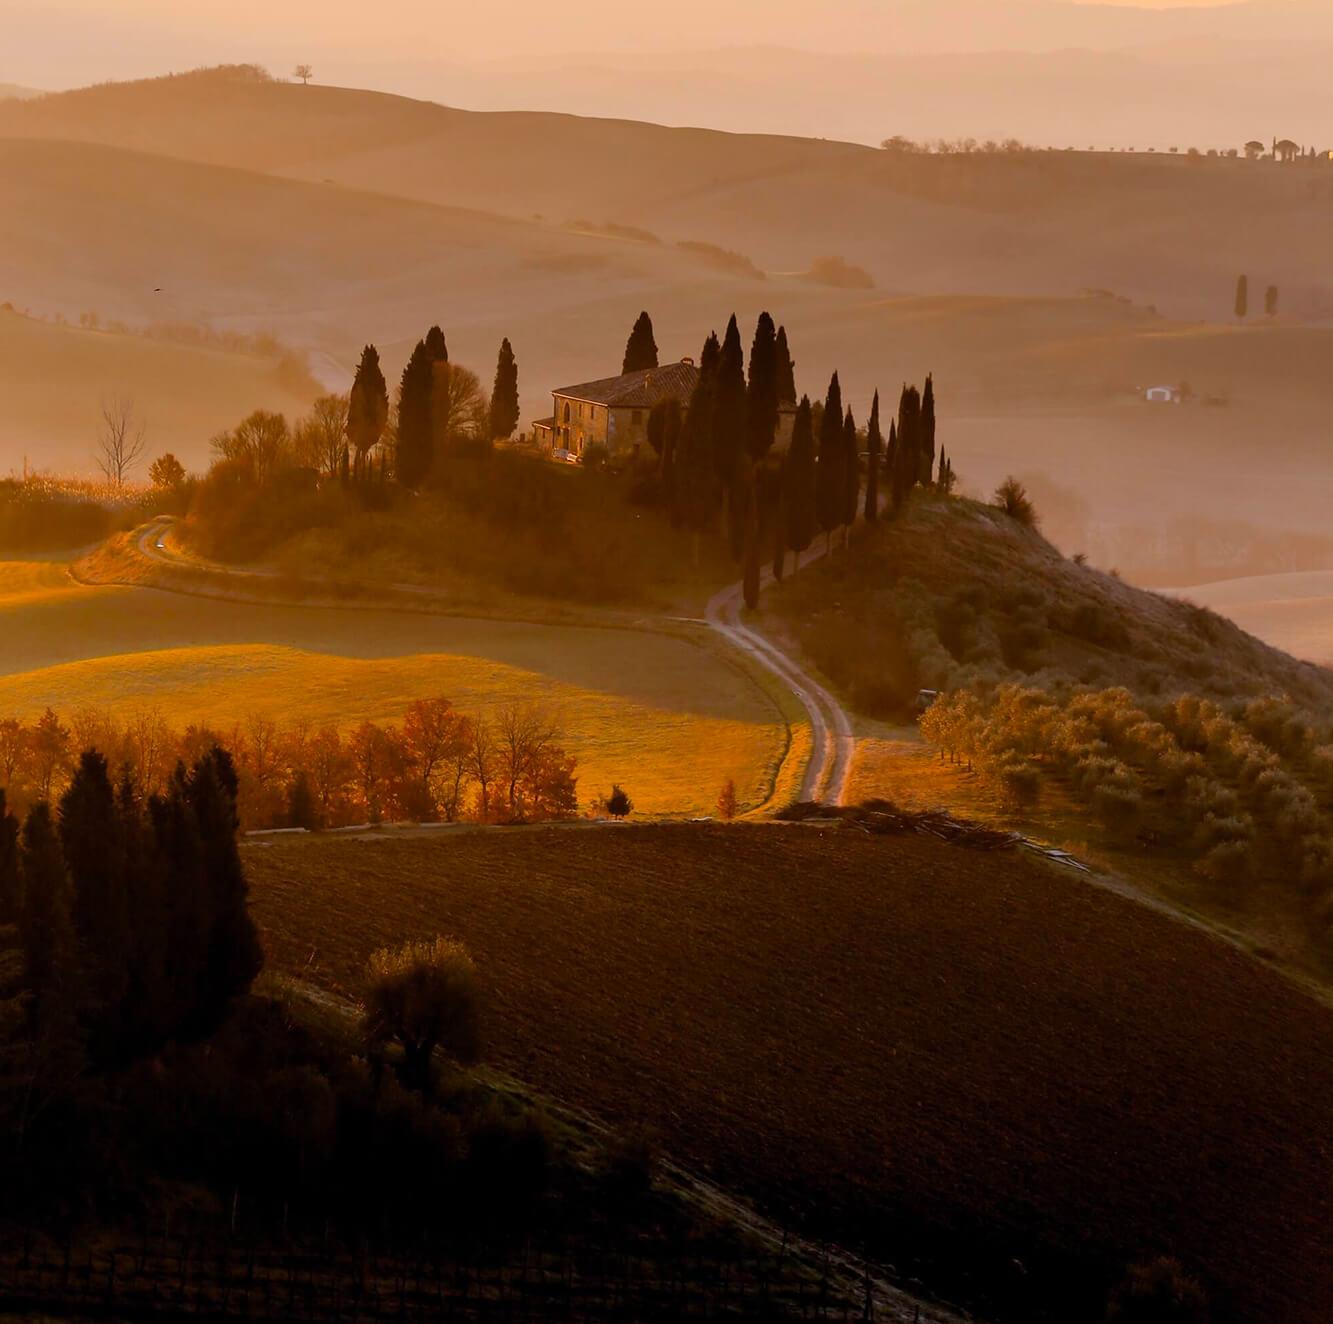 Le più suggestive ville e castelli per Matrimonio in Val d'Orcia. Giulia Alessandri, Wedding Planner: progettazione e coordinazione matrimoni in Toscana.